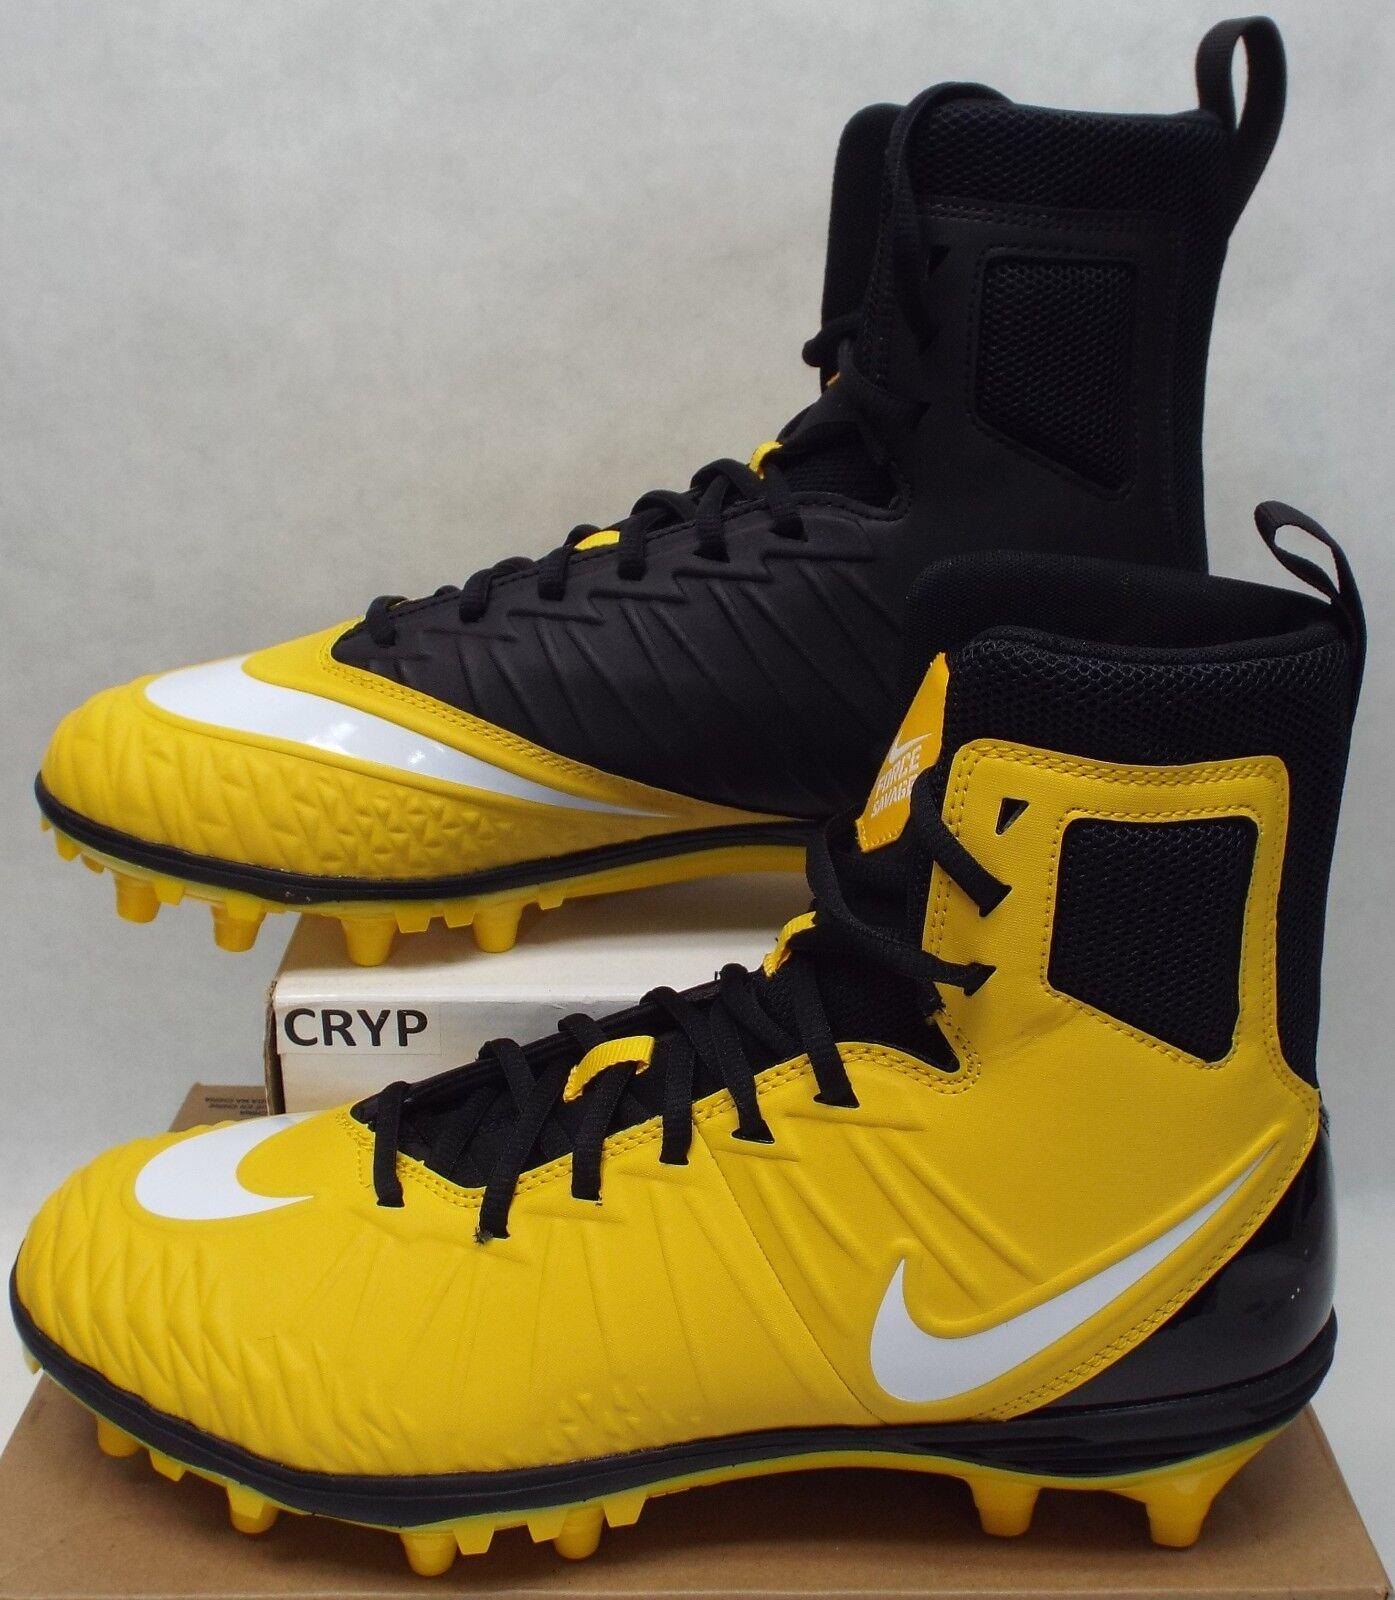 Nuova Uomo 10 nike vigore savage elite pro calcio shoes139 880140-710 giallo nero